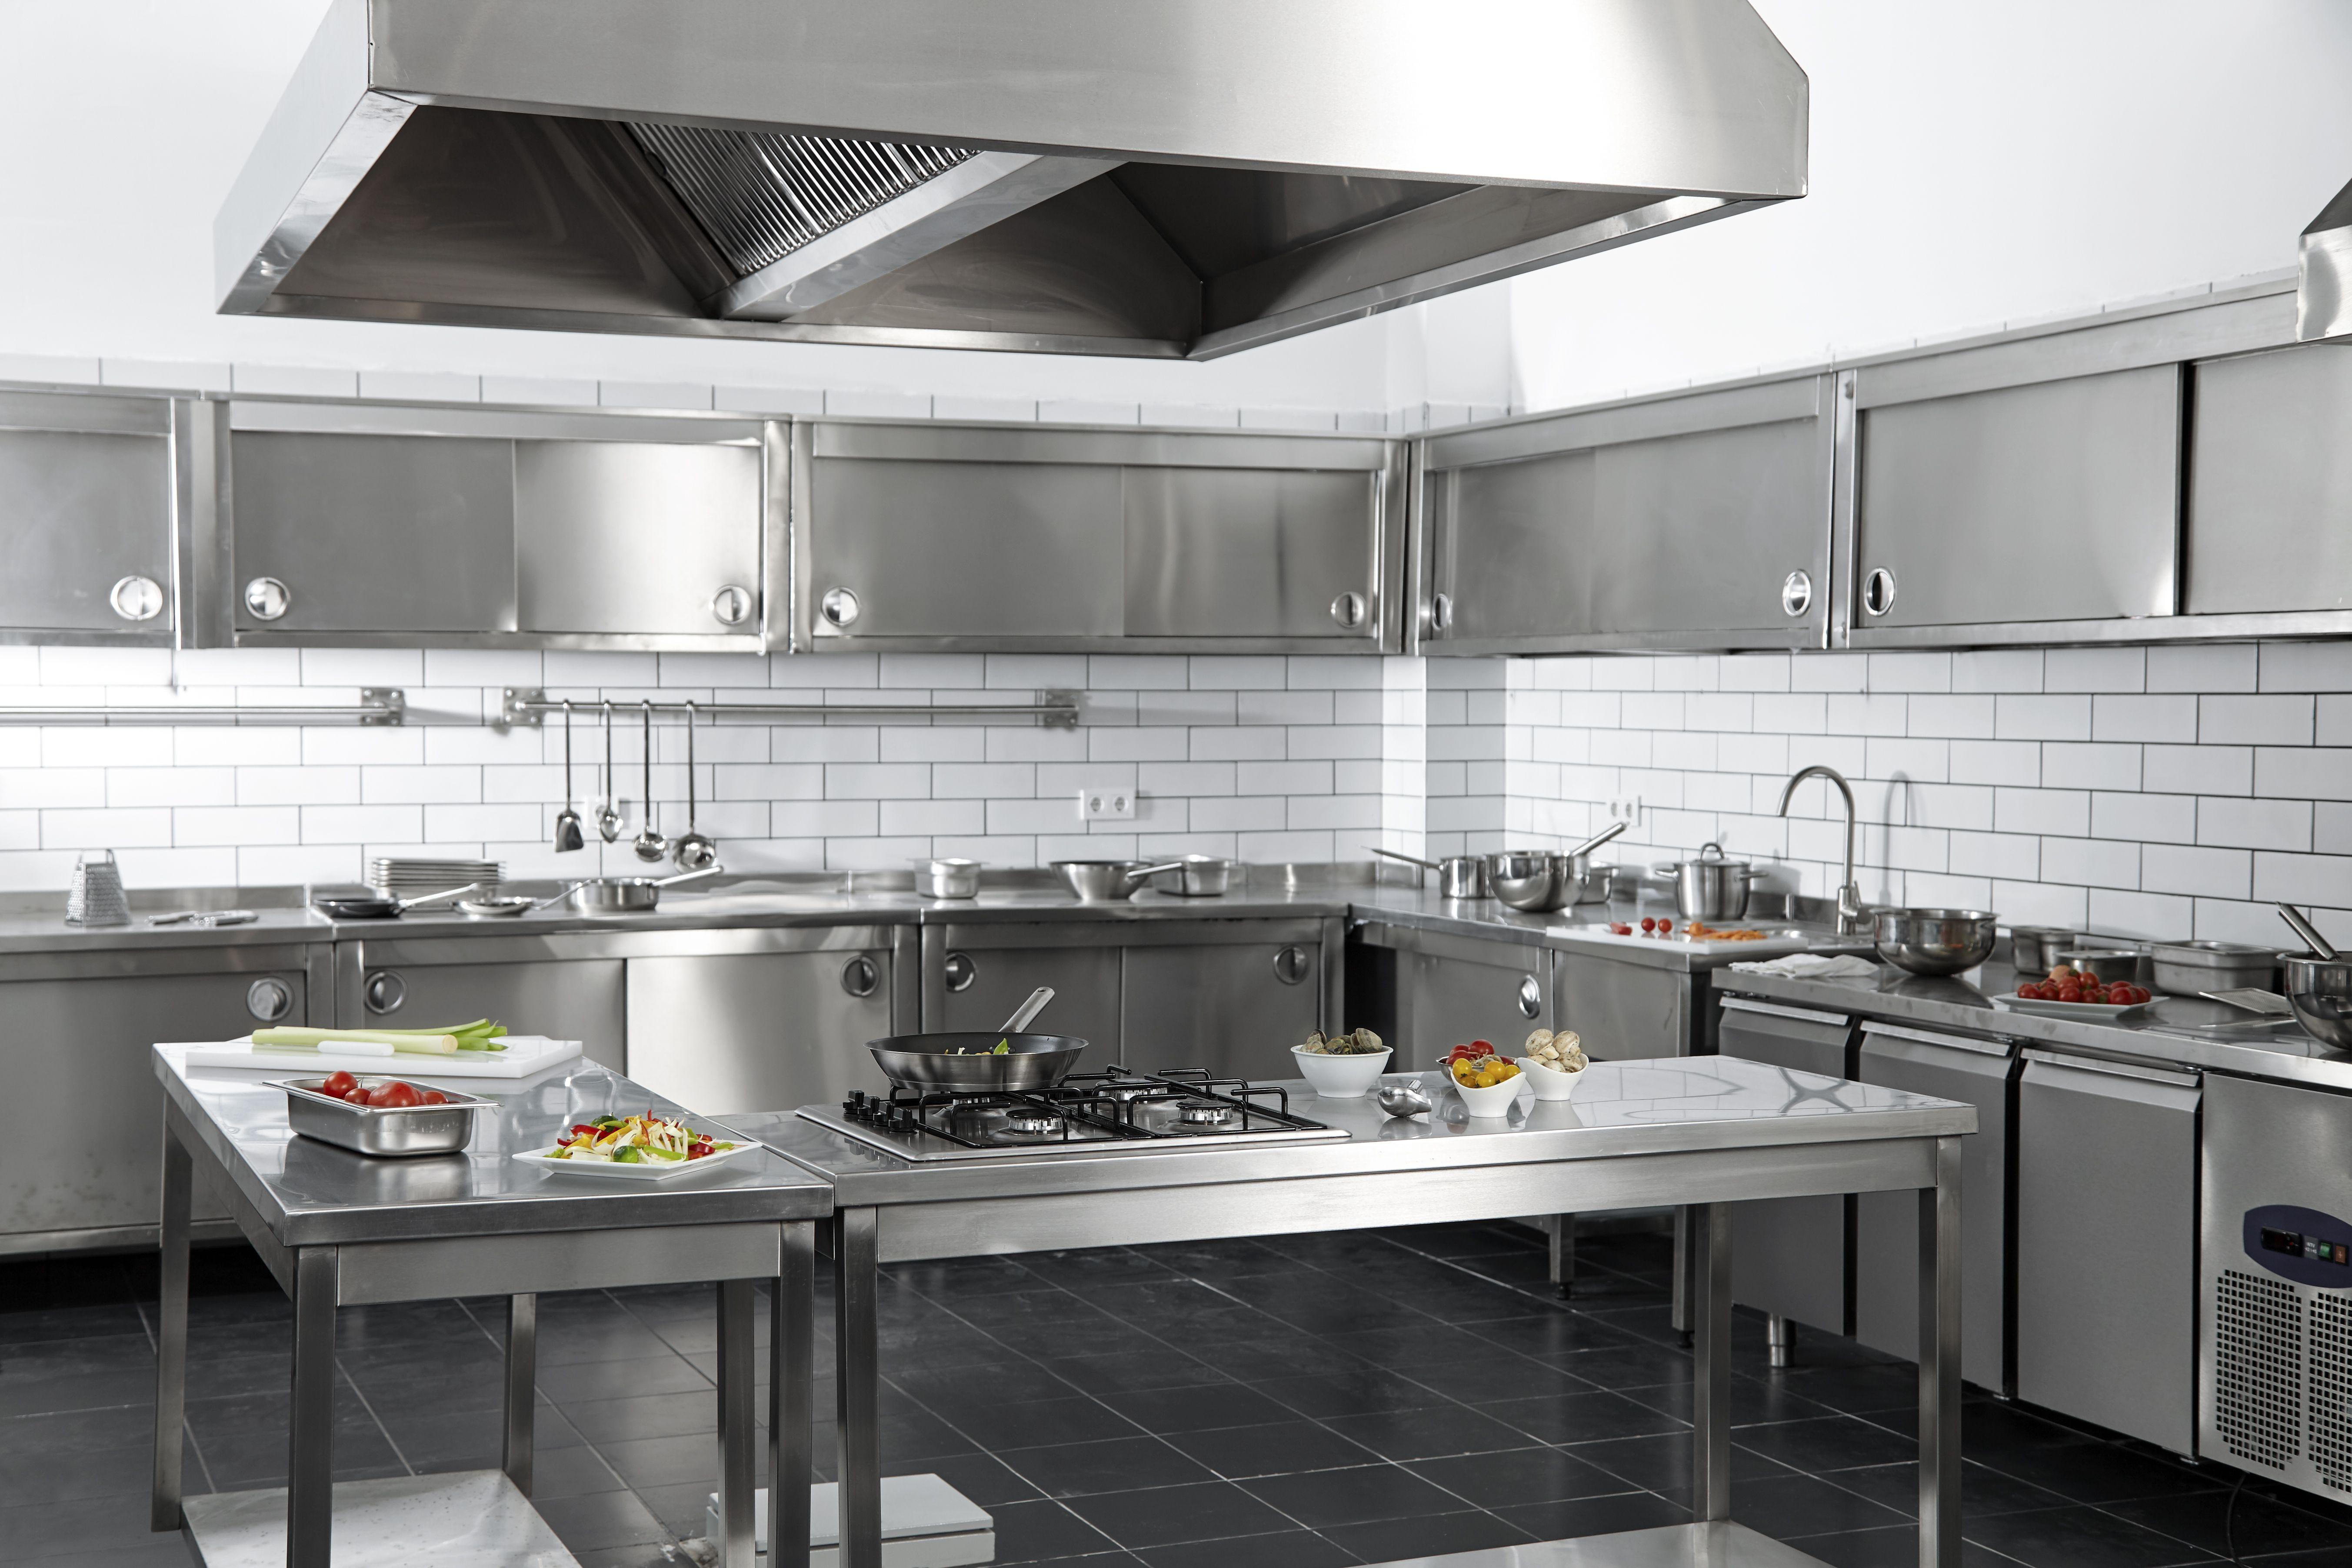 Limpieza de campanas de cocinas industriales en Tarragona